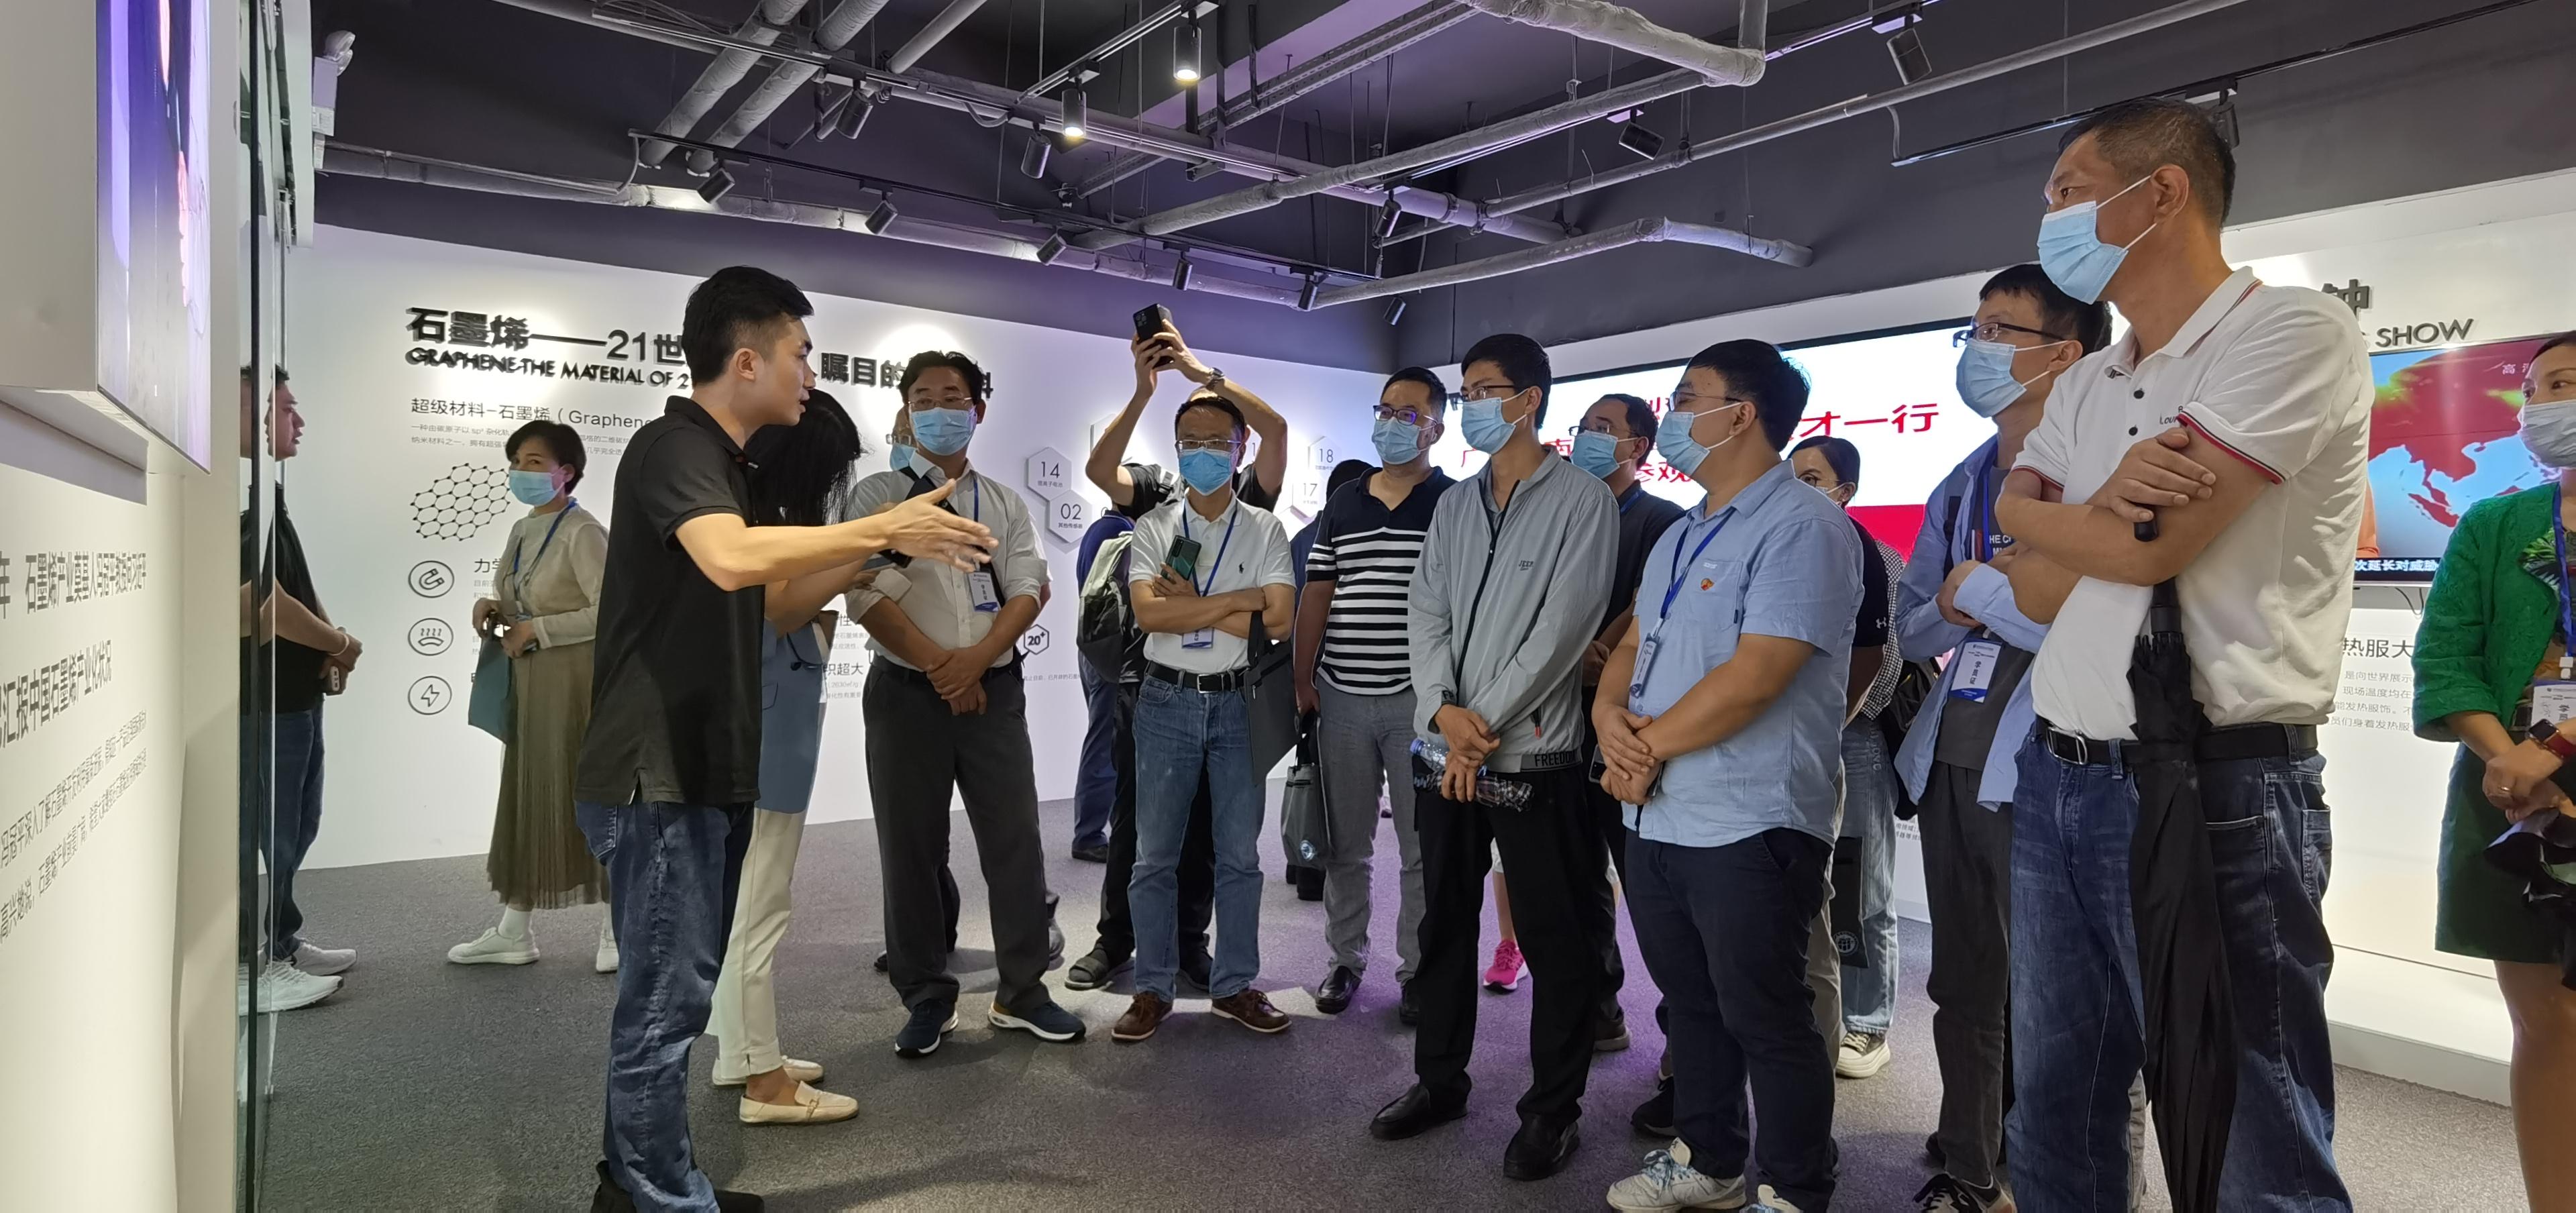 广东、海南两省高层次人才考察走访烯旺科技,深入探讨石墨烯科技未来